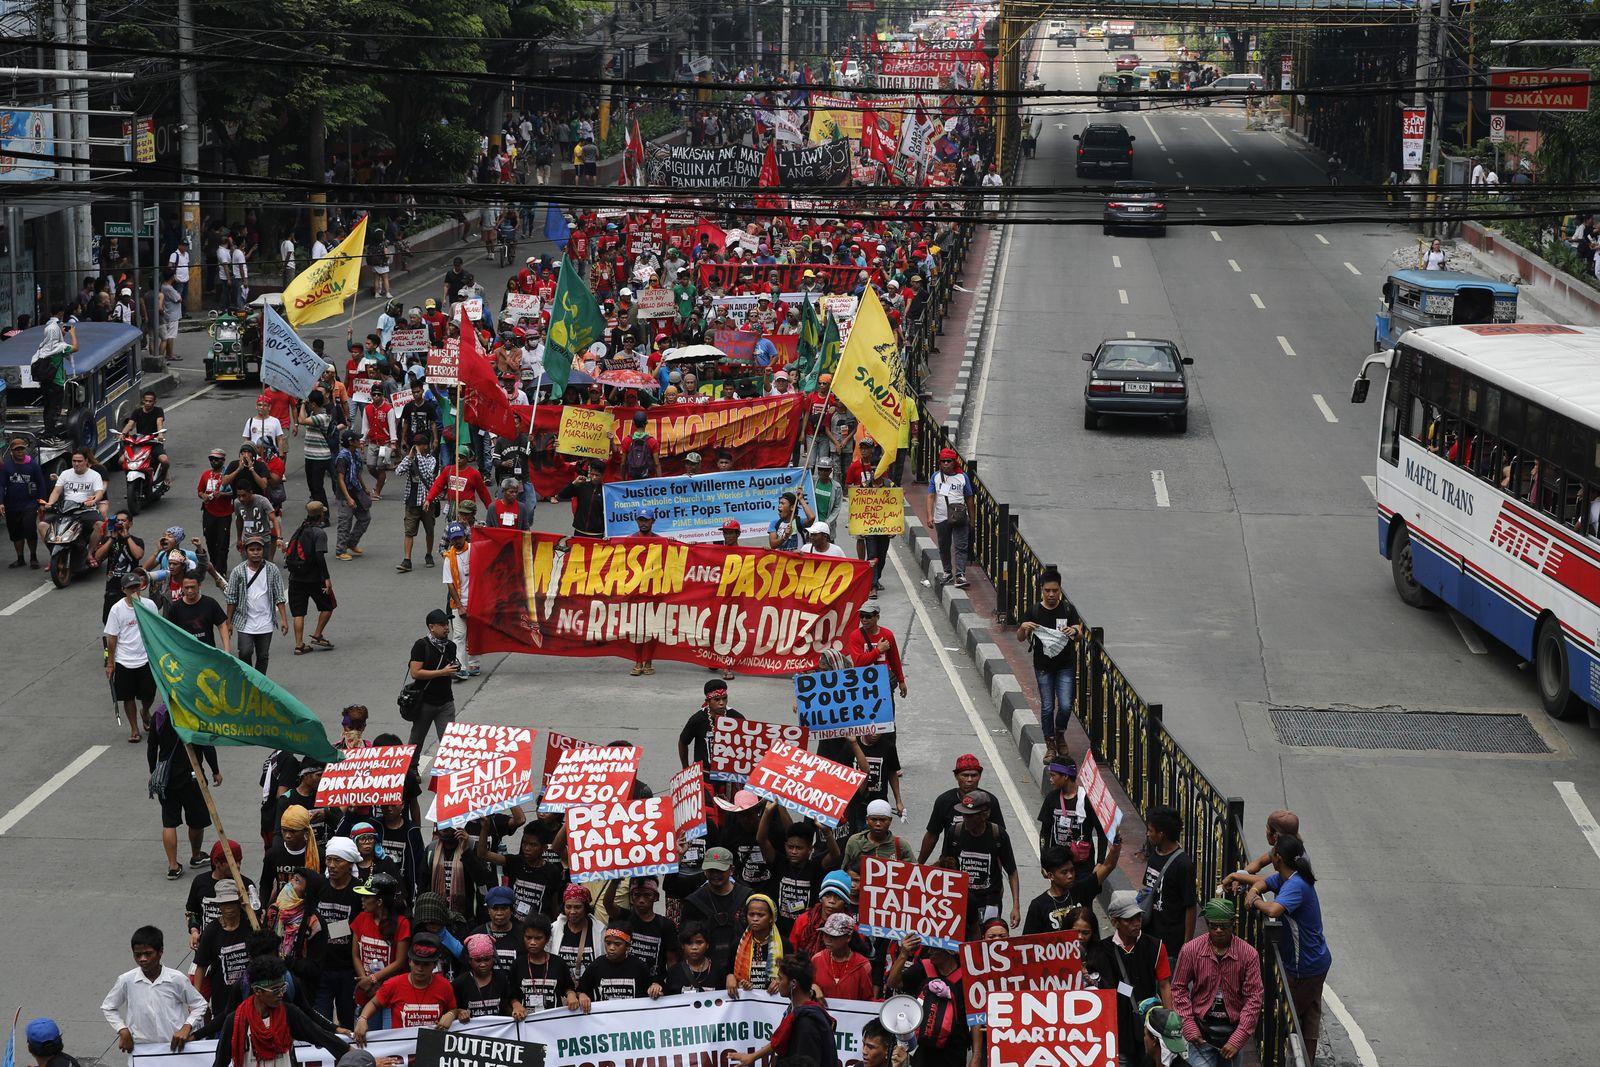 Philippinen/ Protest/ Demo